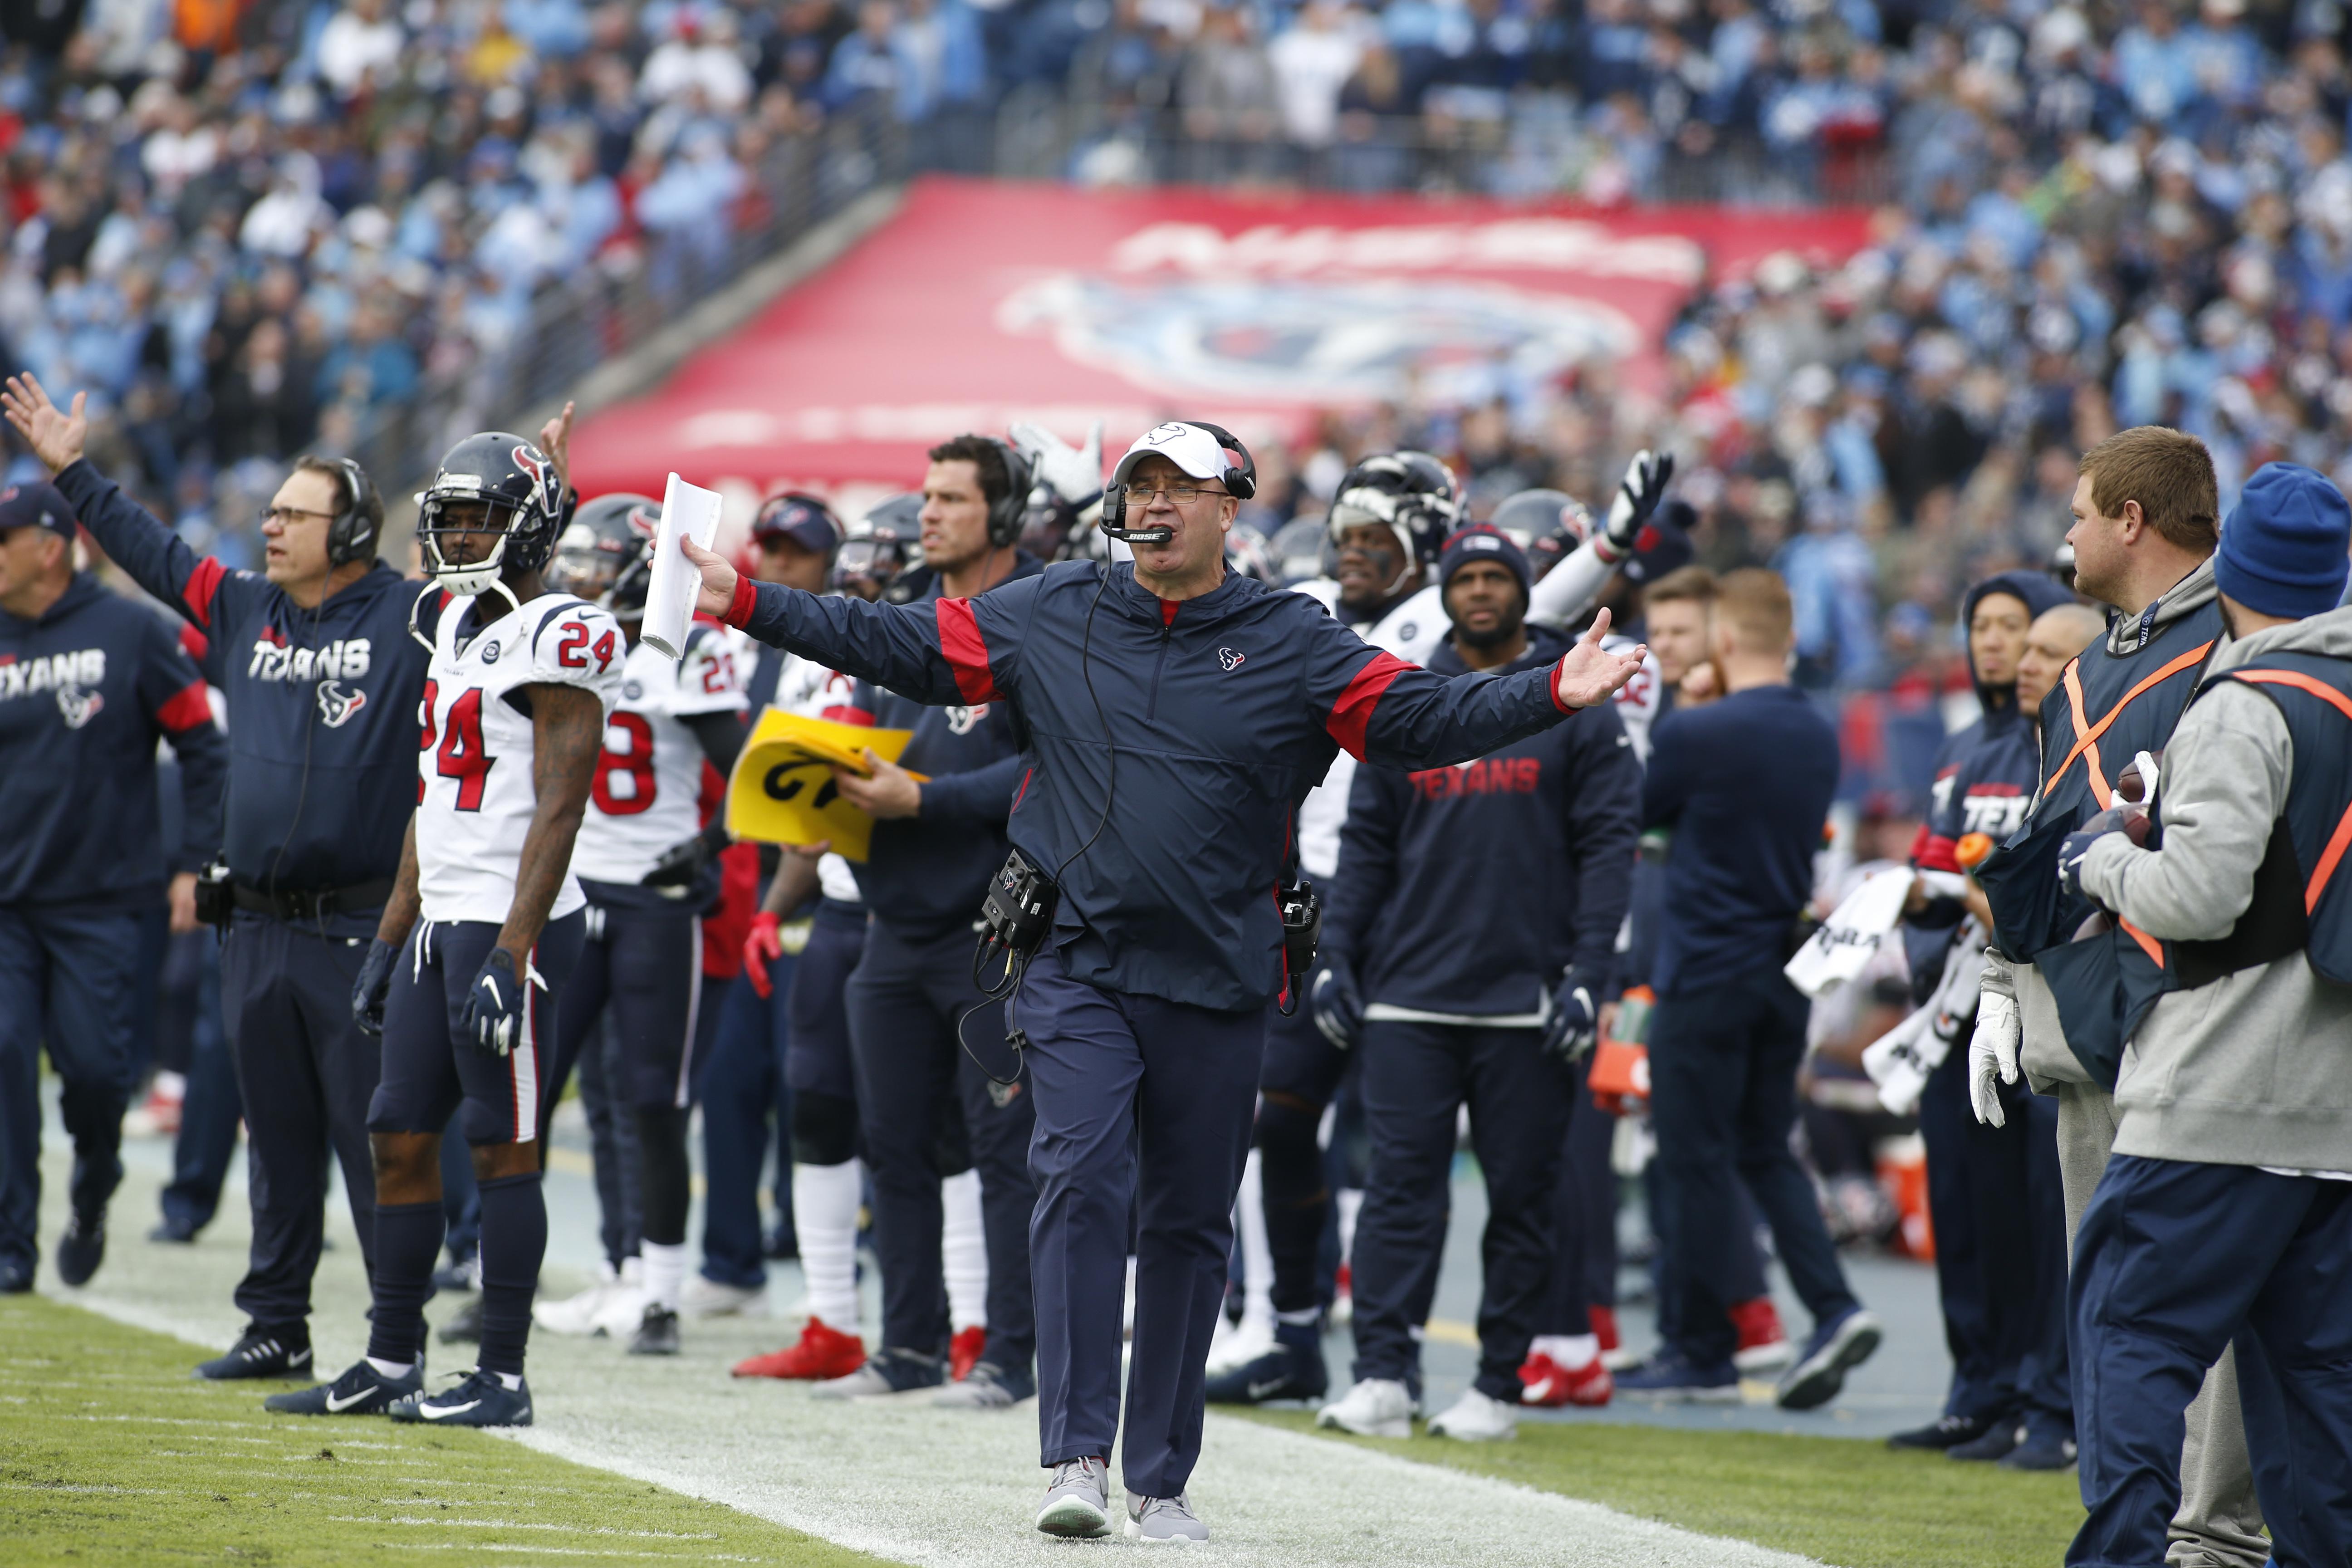 NFL: DEC 15 Texans at Titans